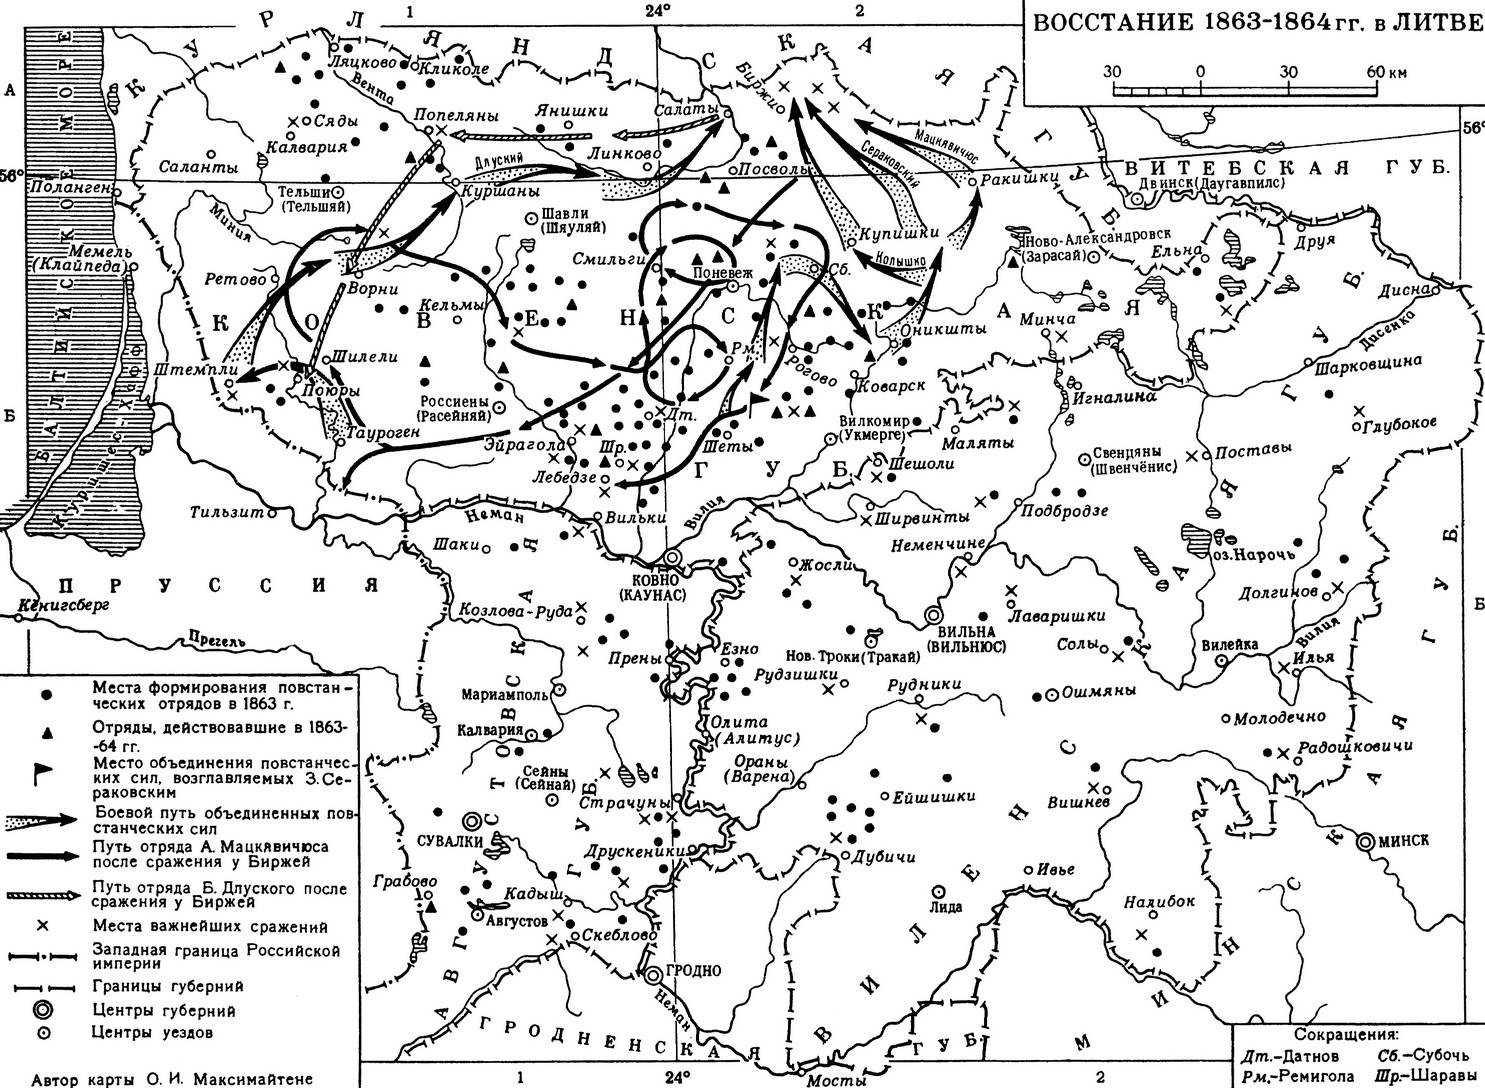 польский мятеж 1863 1864